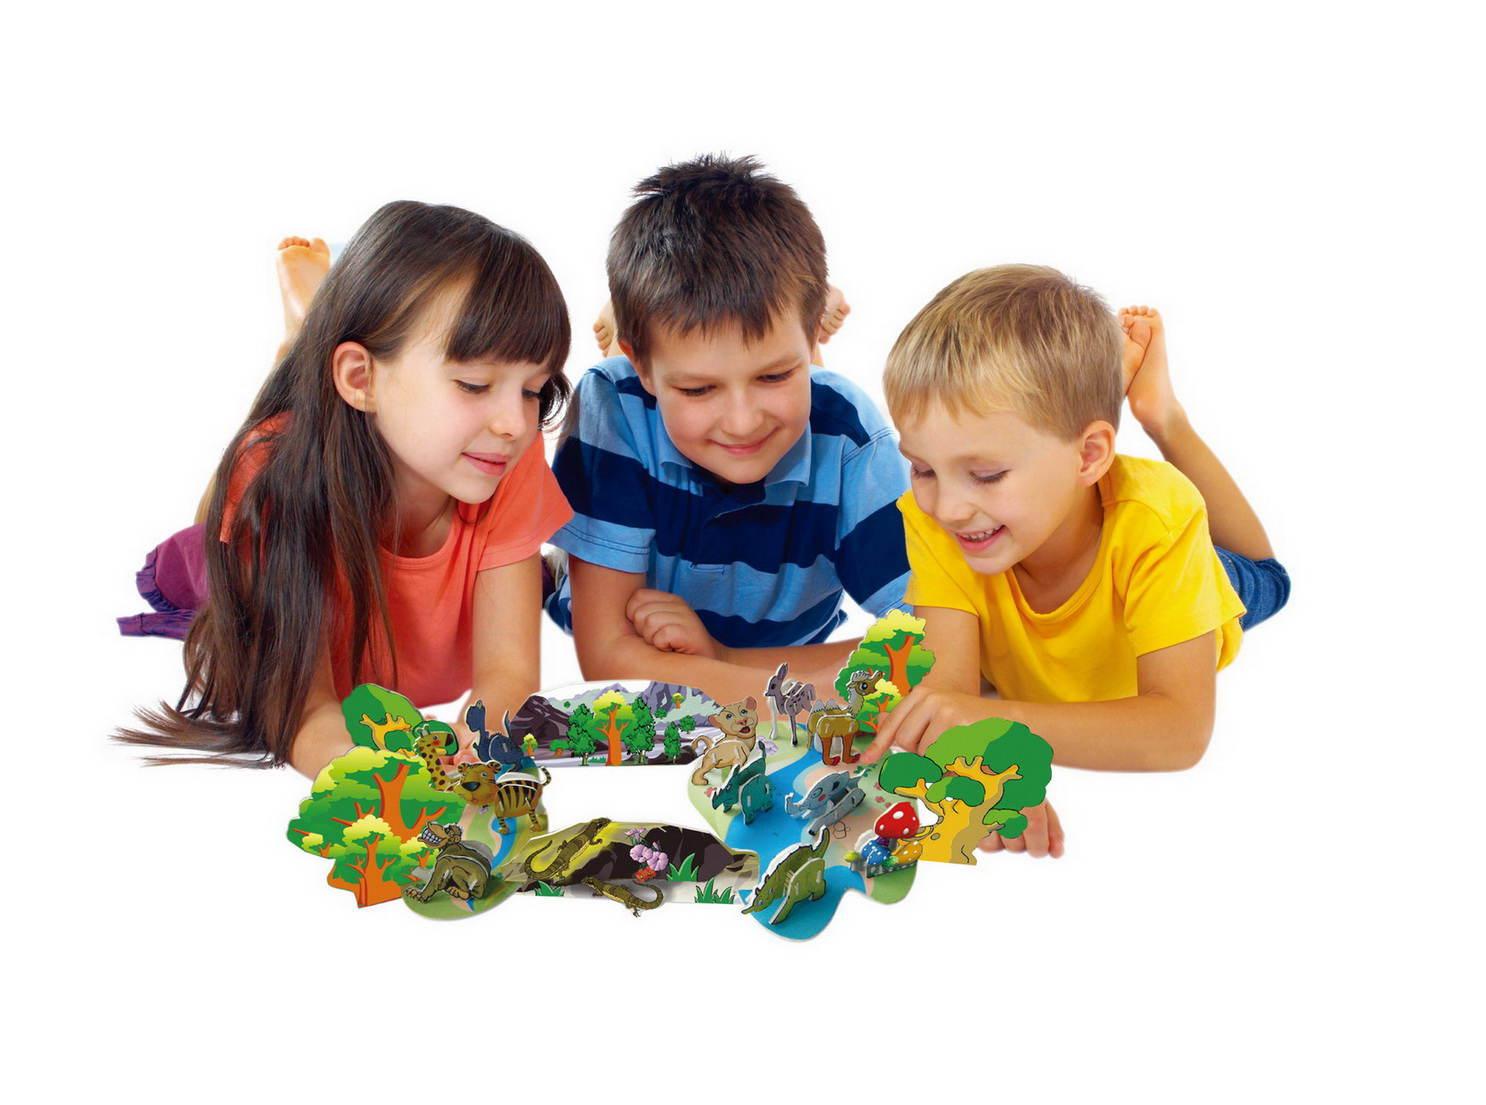 Mainan anak tidak boleh sembarangan, harus disesuaikan dengan usianya